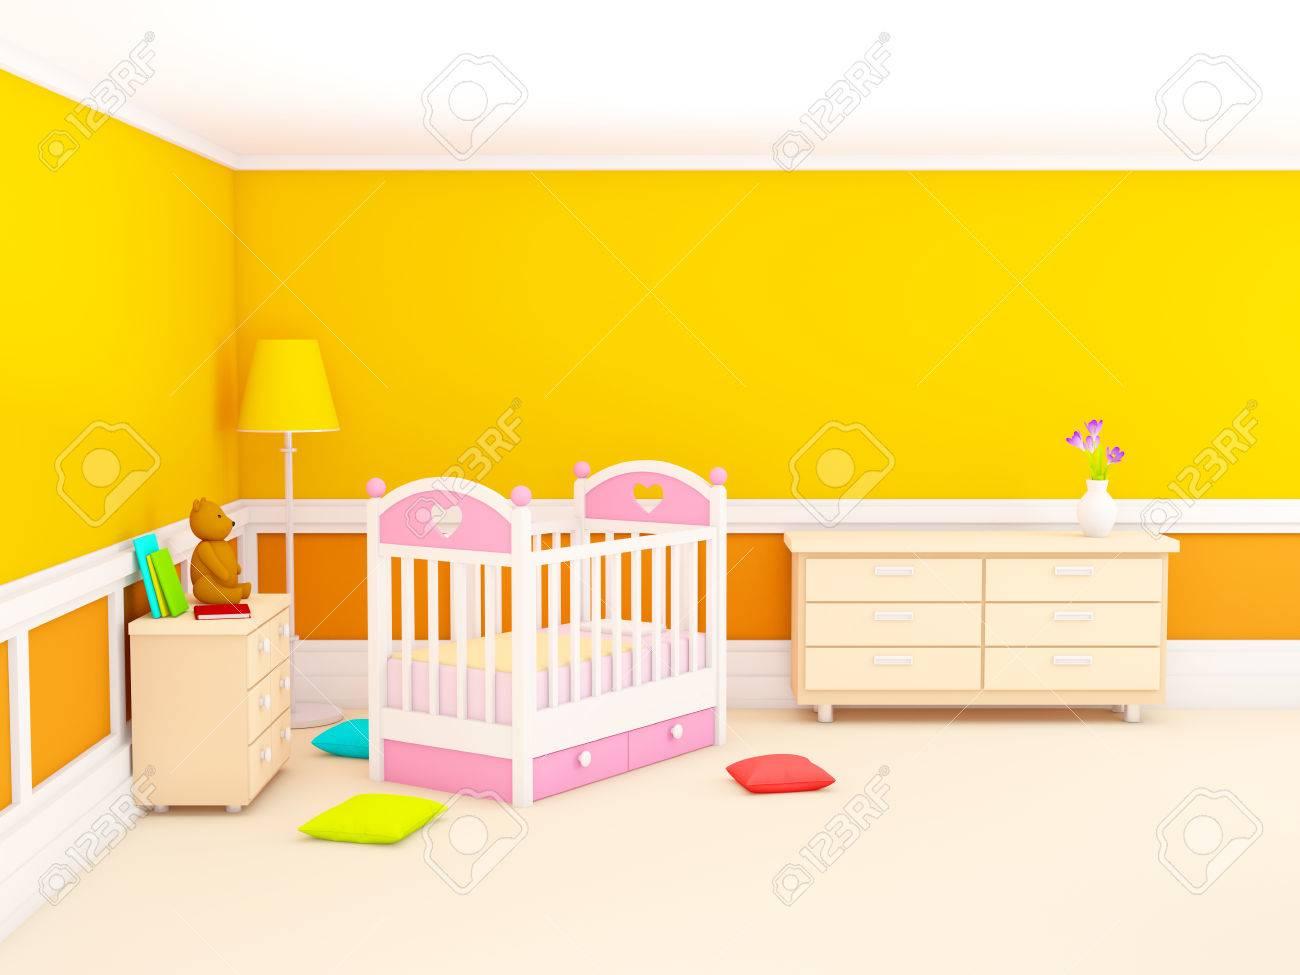 La chambre d\'Orange bébé avec lit, dans un style classique. 3d illustration.